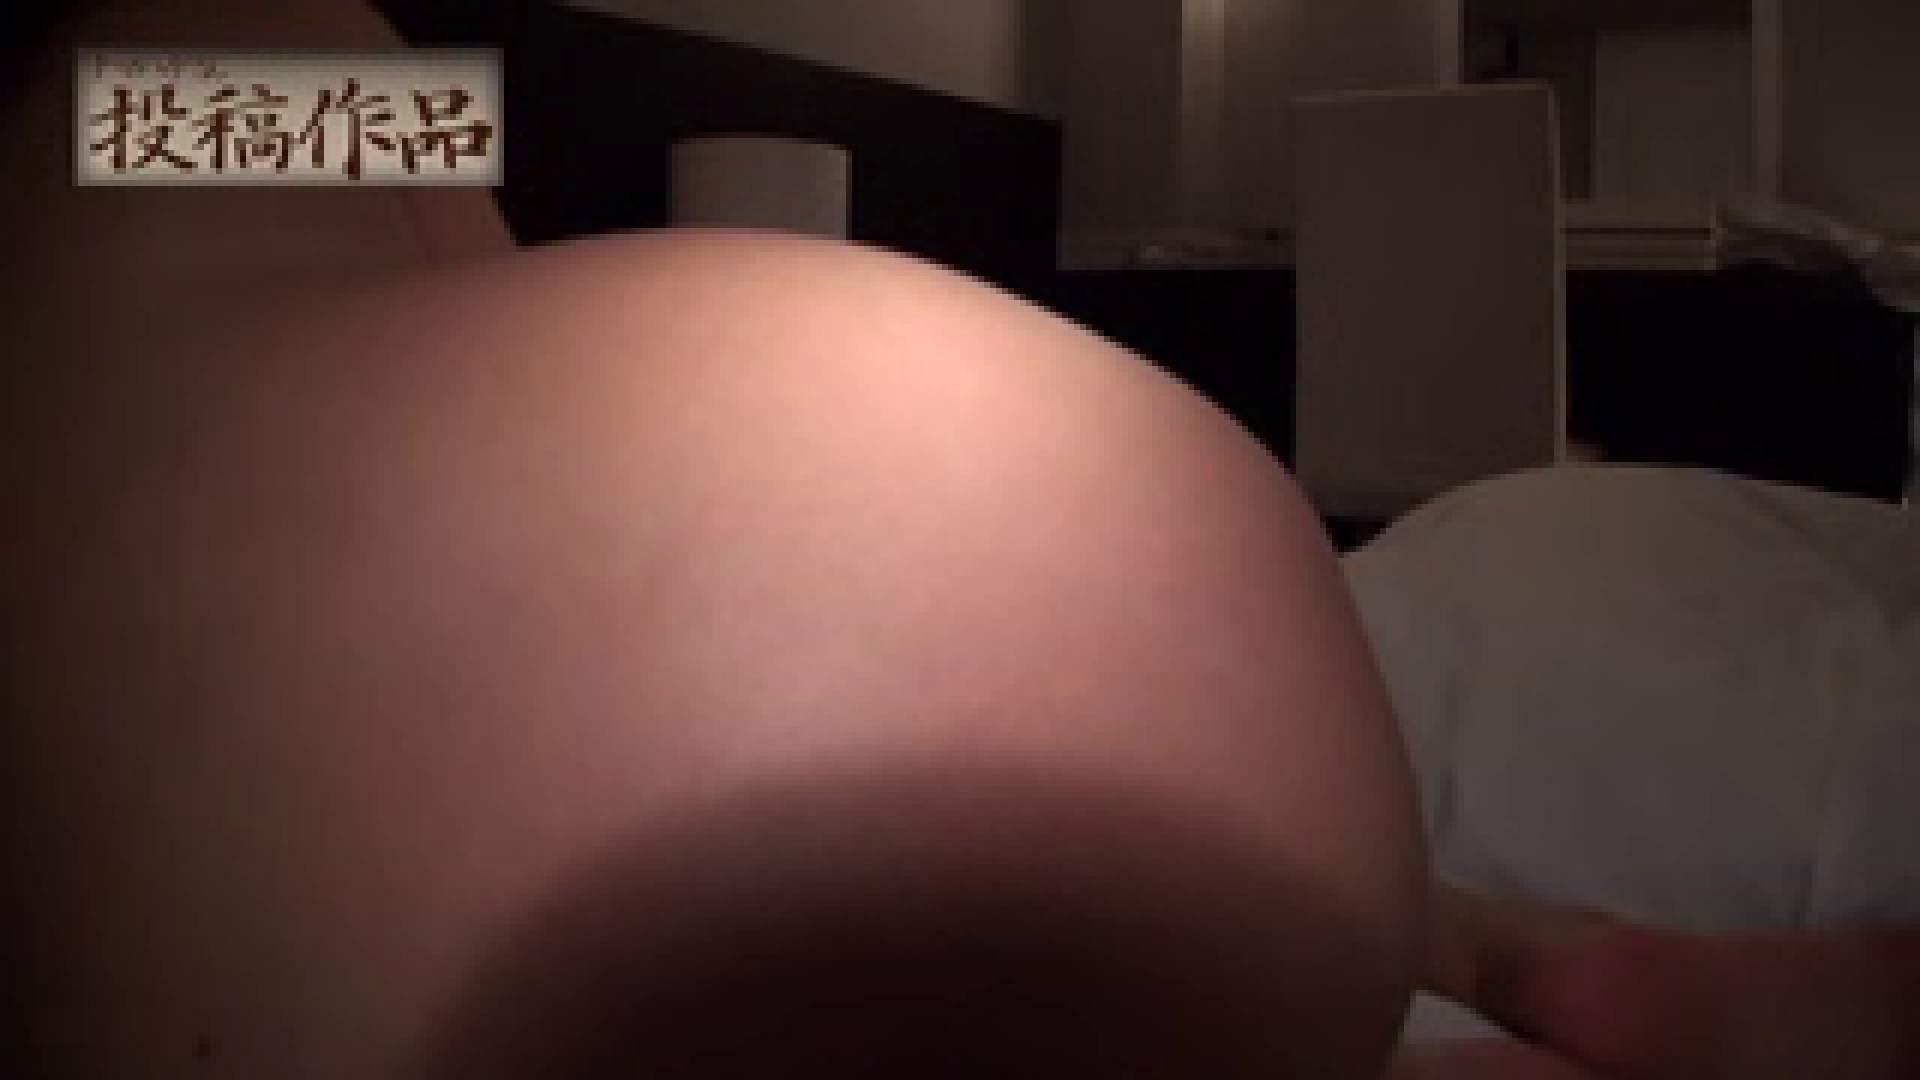 無修正エロ動画|ナマハゲさんのまんこコレクション第3弾 mei3回目の登場|大奥